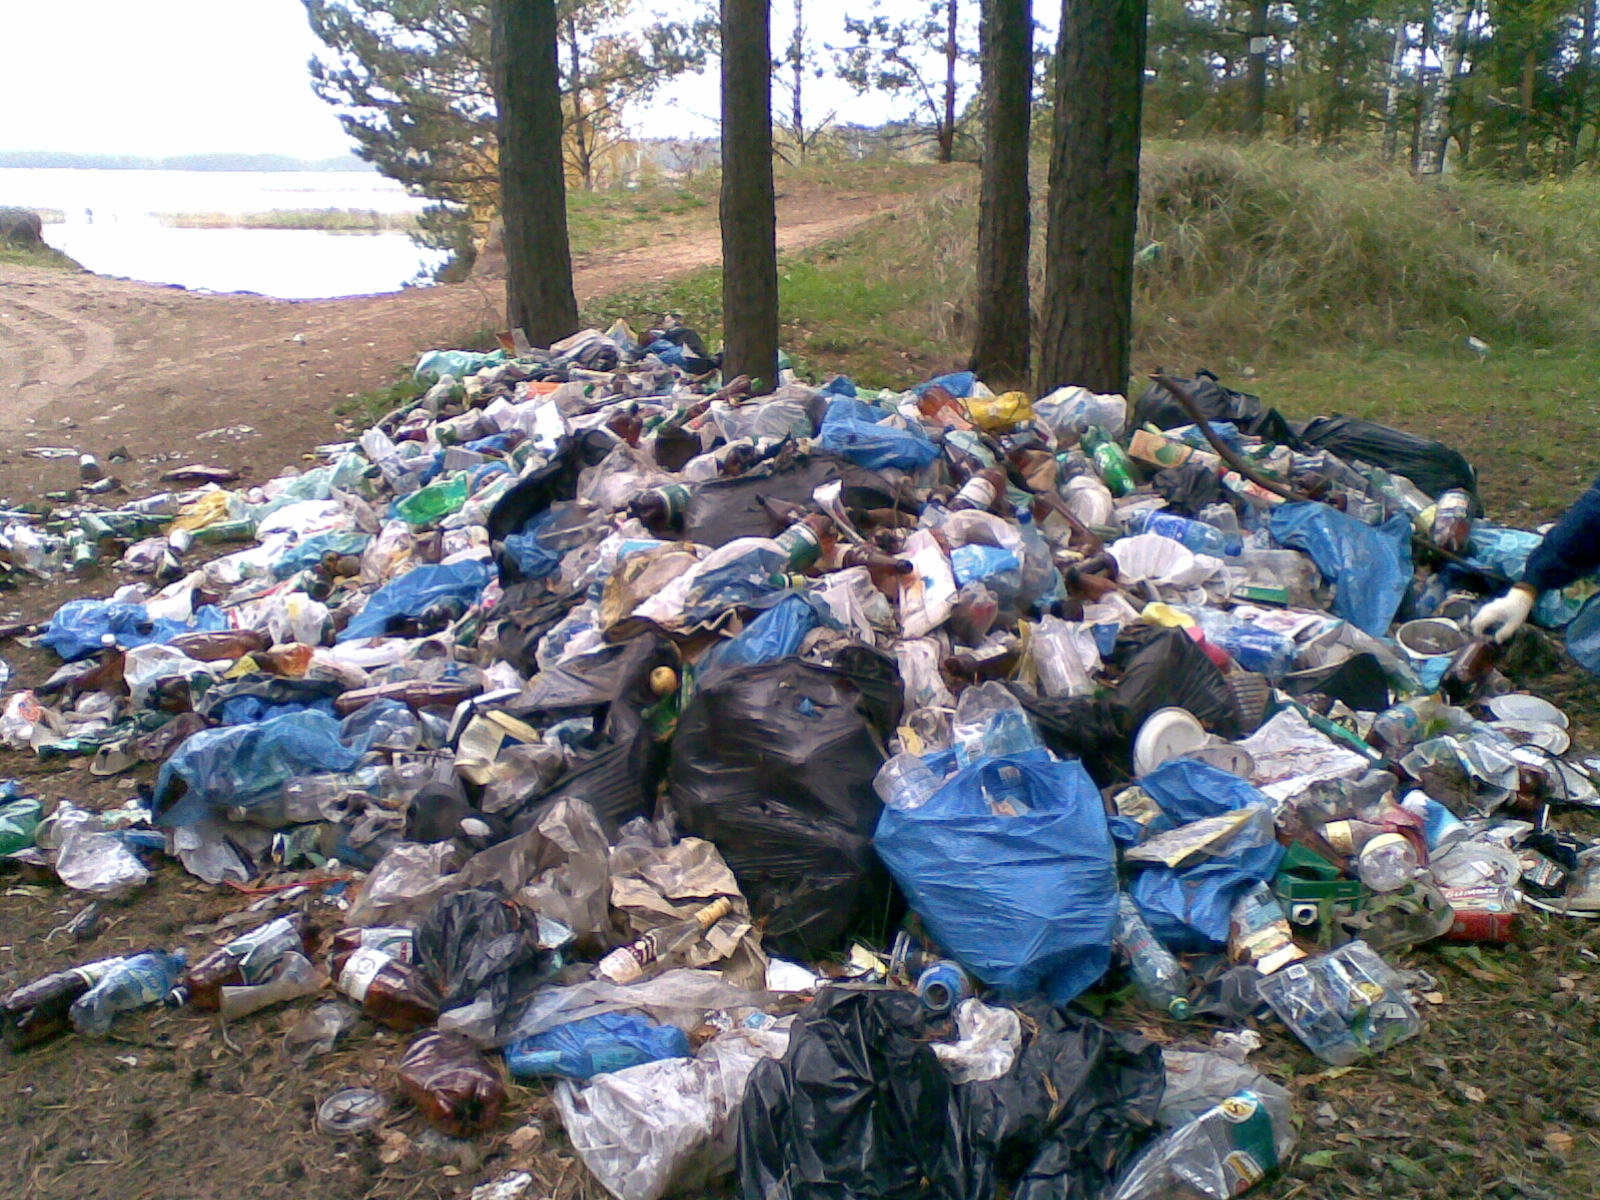 ВоФранции пожаловались на«мусорных туристов» изШвейцарии